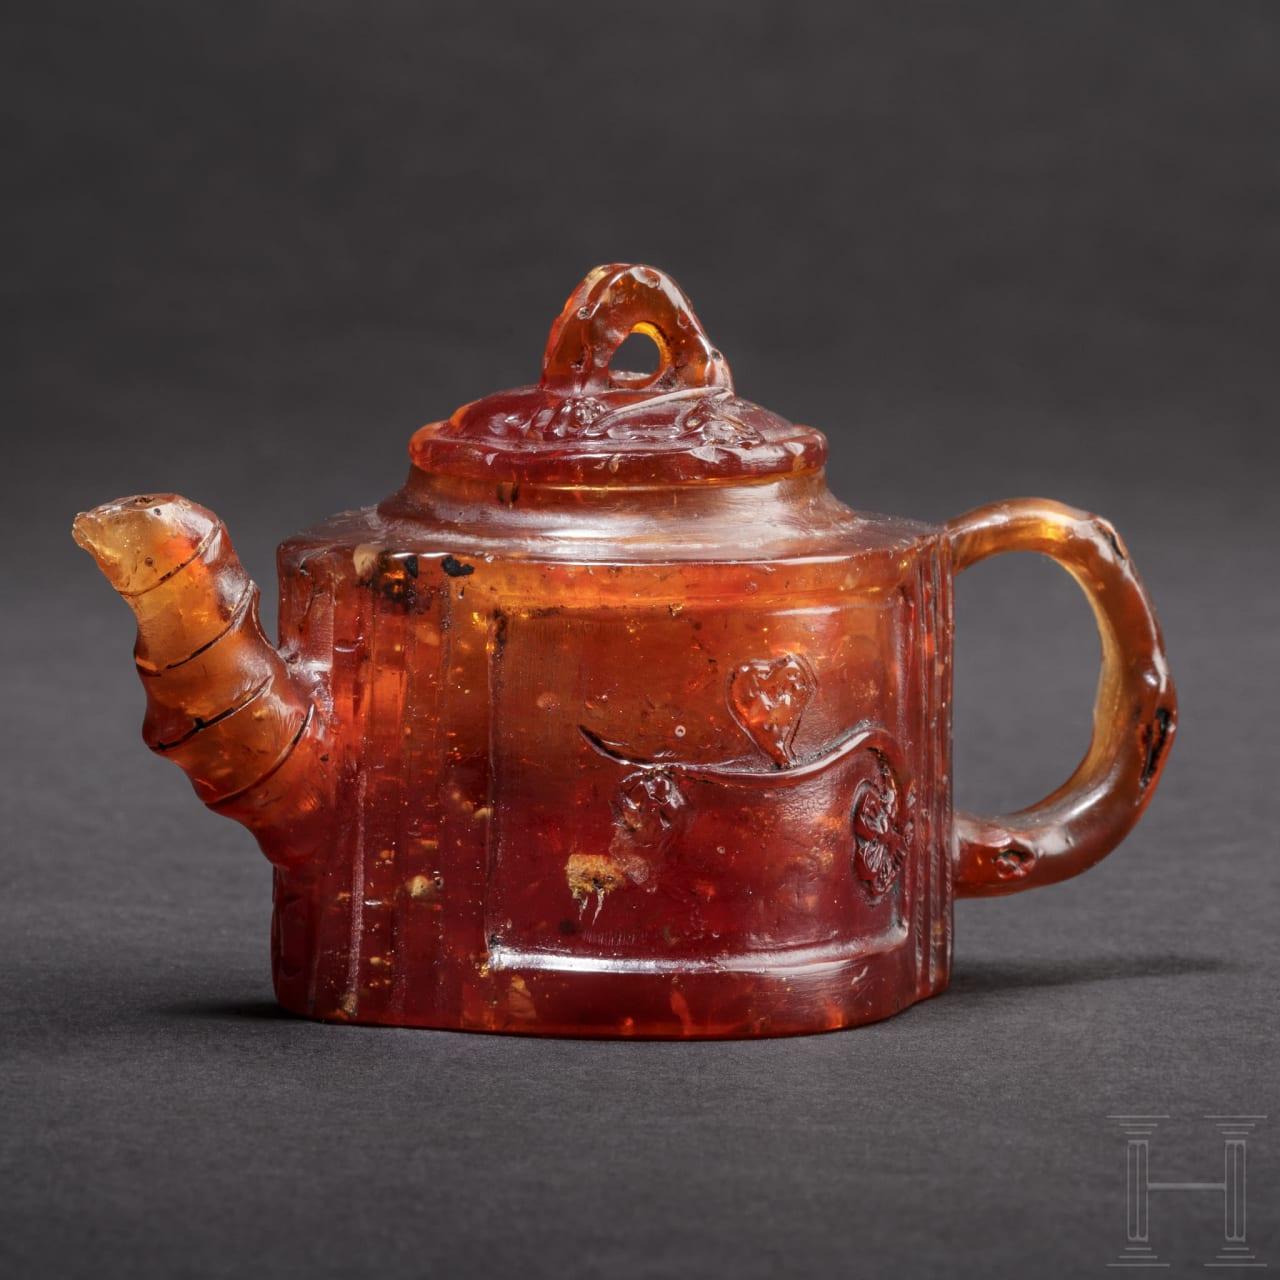 Seltene Miniatur-Teekanne aus Bernstein, Königsberg, um 1700/20